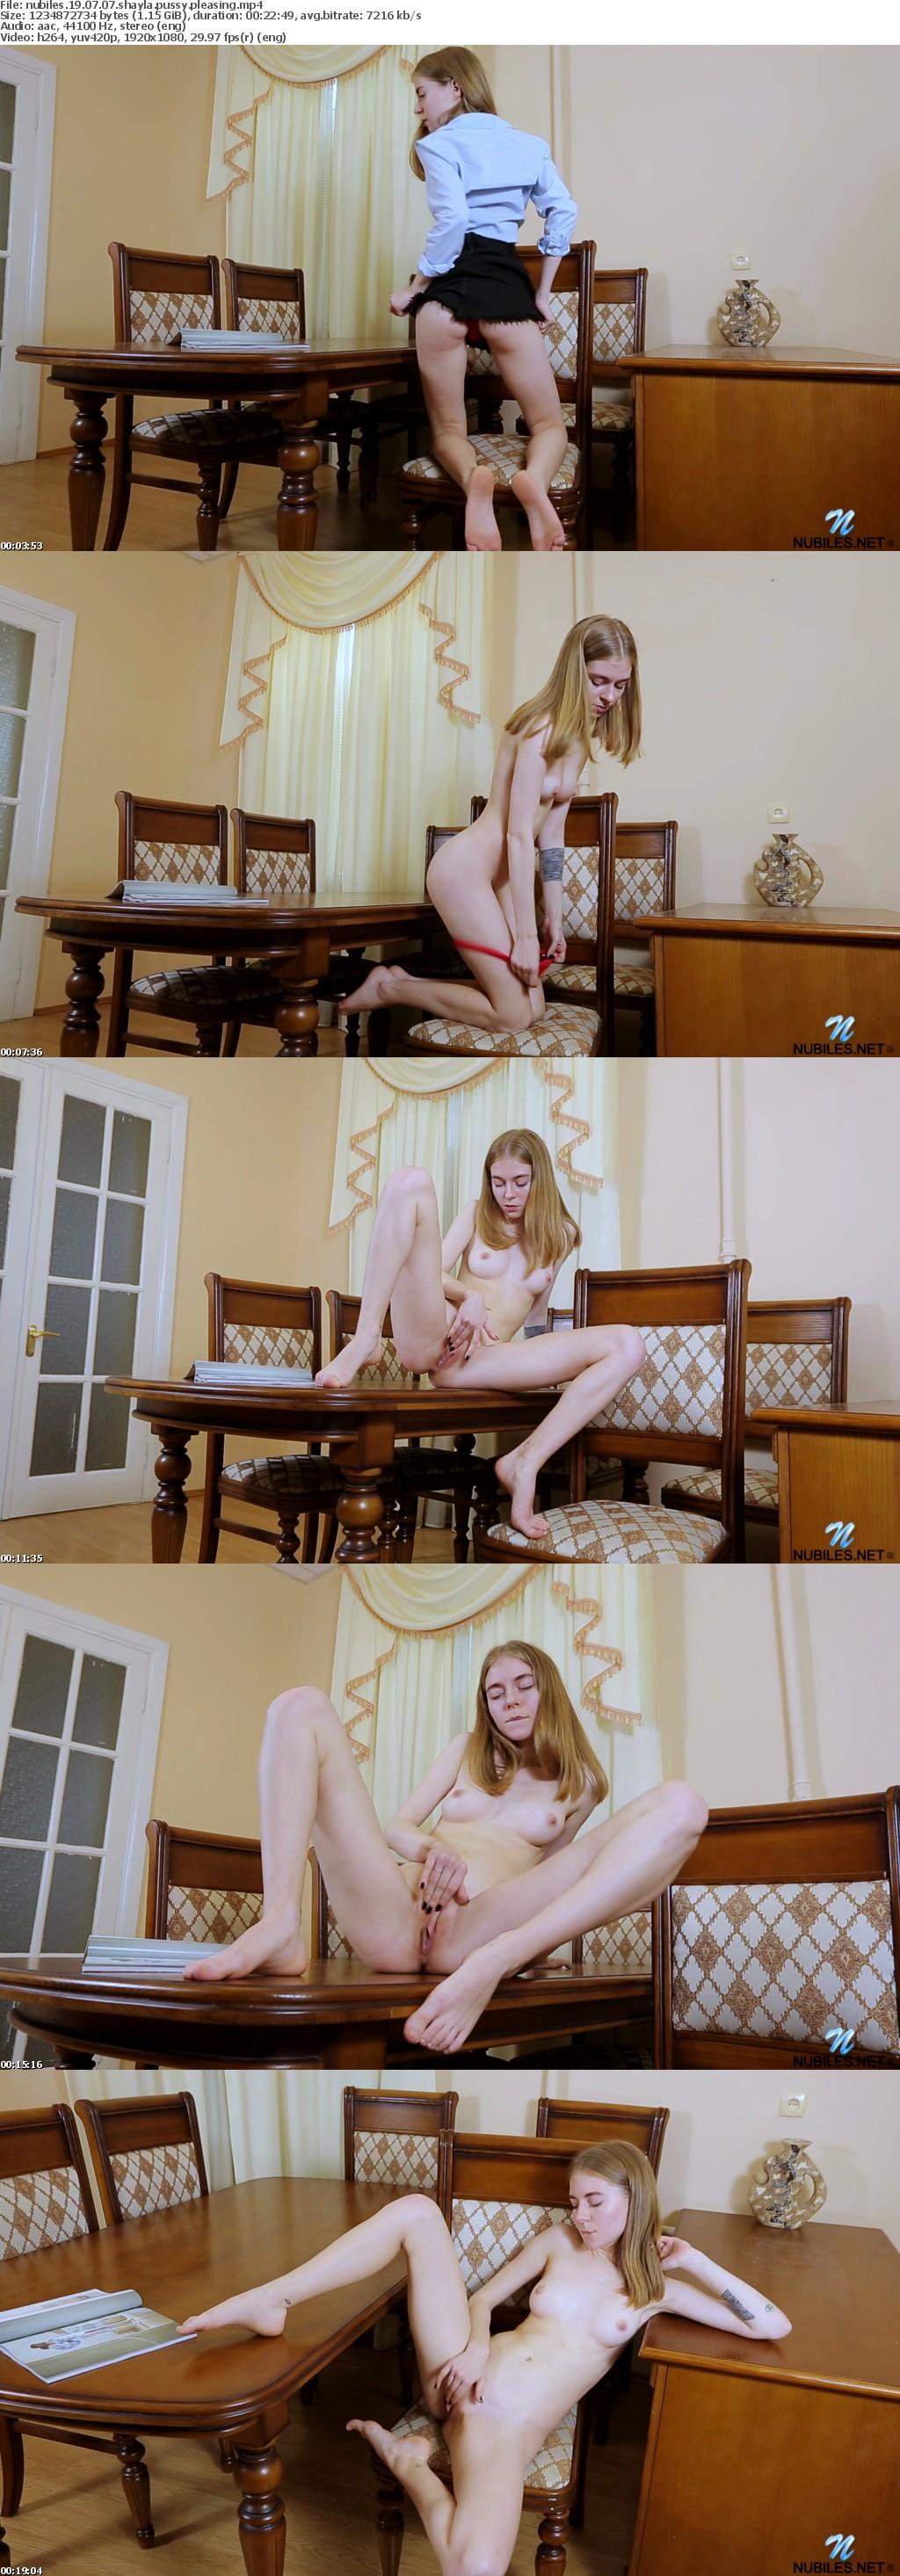 Nubiles 19 07 07 Shayla Pussy Pleasing XXX 1080p MP4-KTR